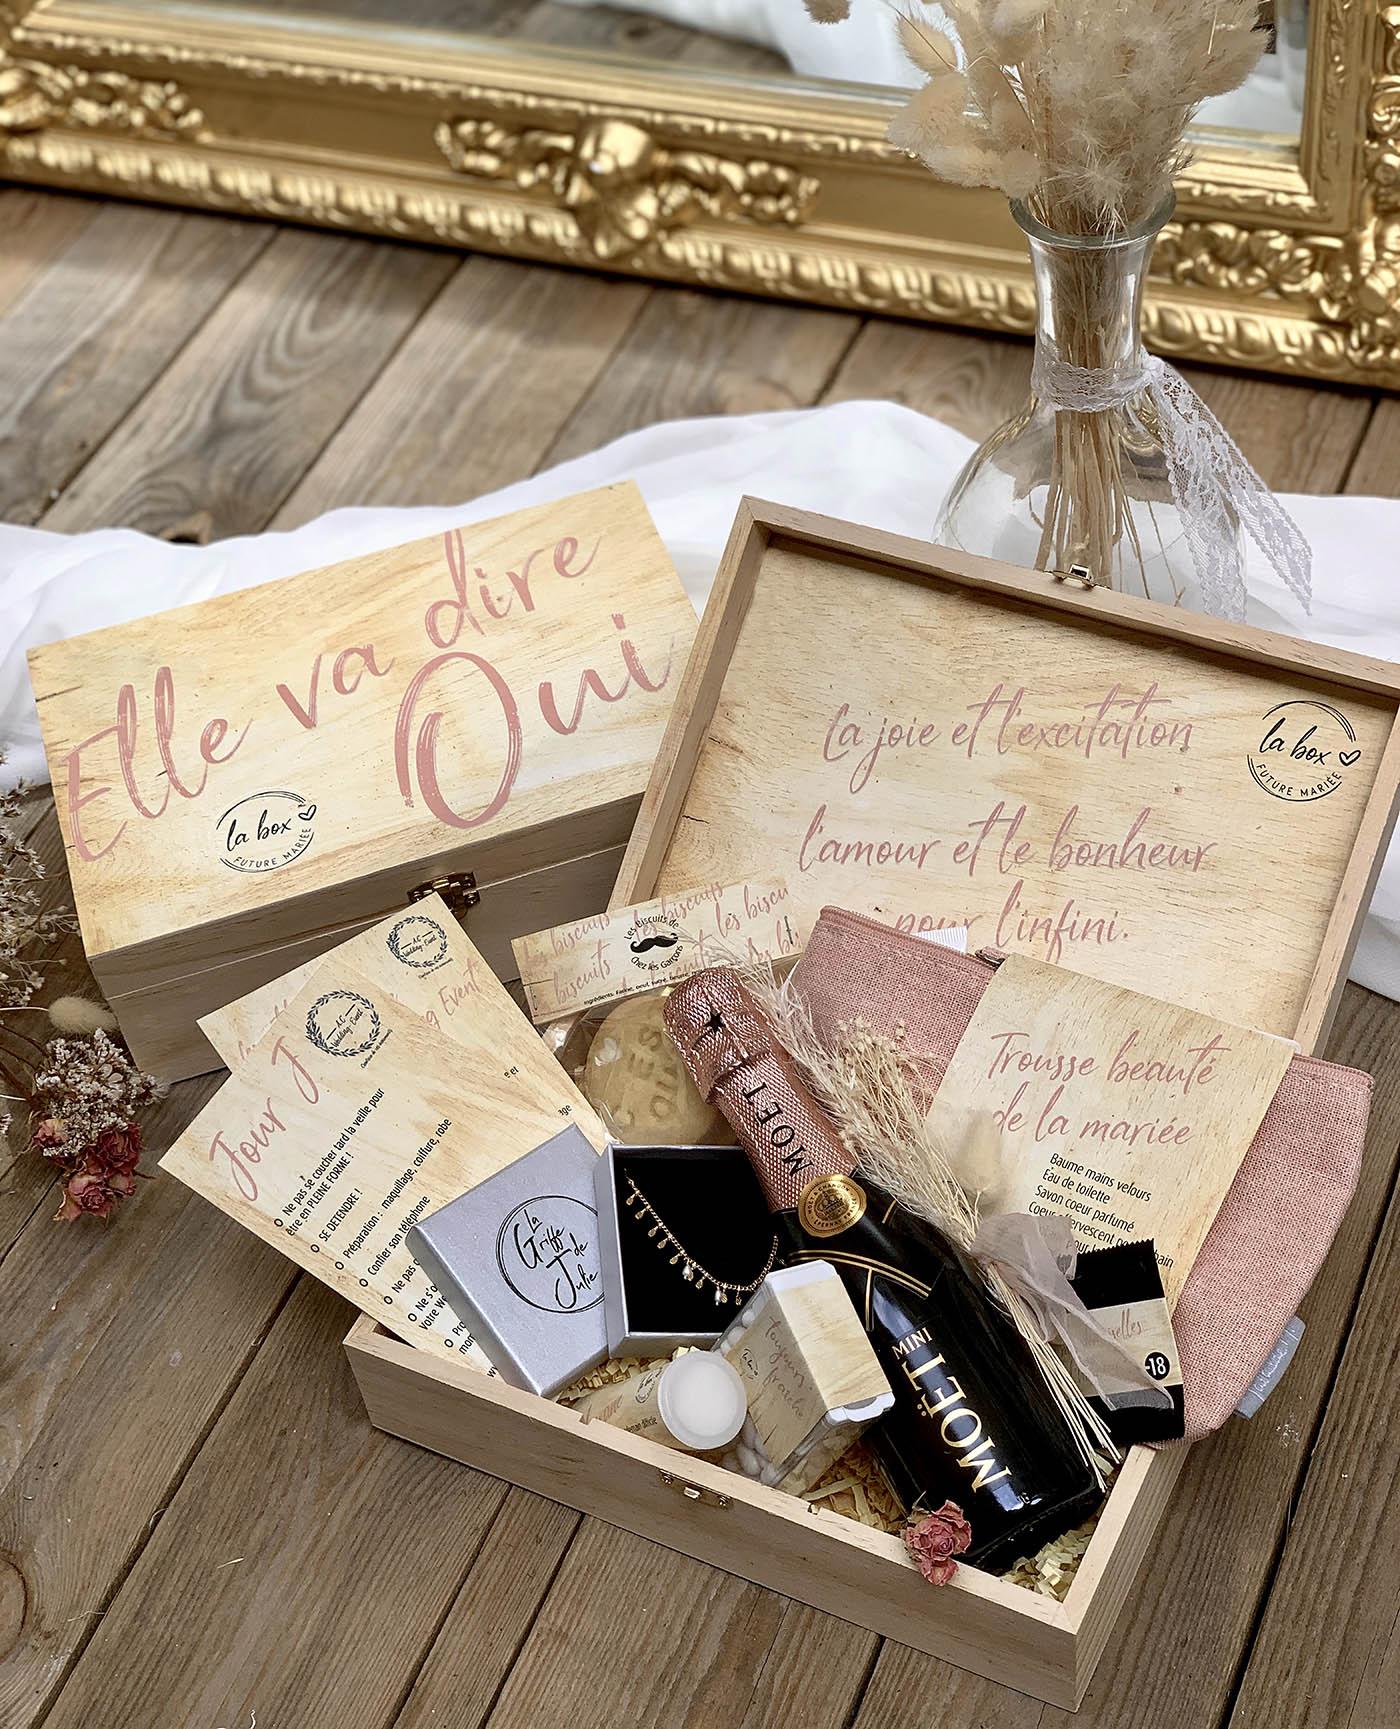 Box spéciale MariagePour les mariés, les témoins et Evjf-Evg